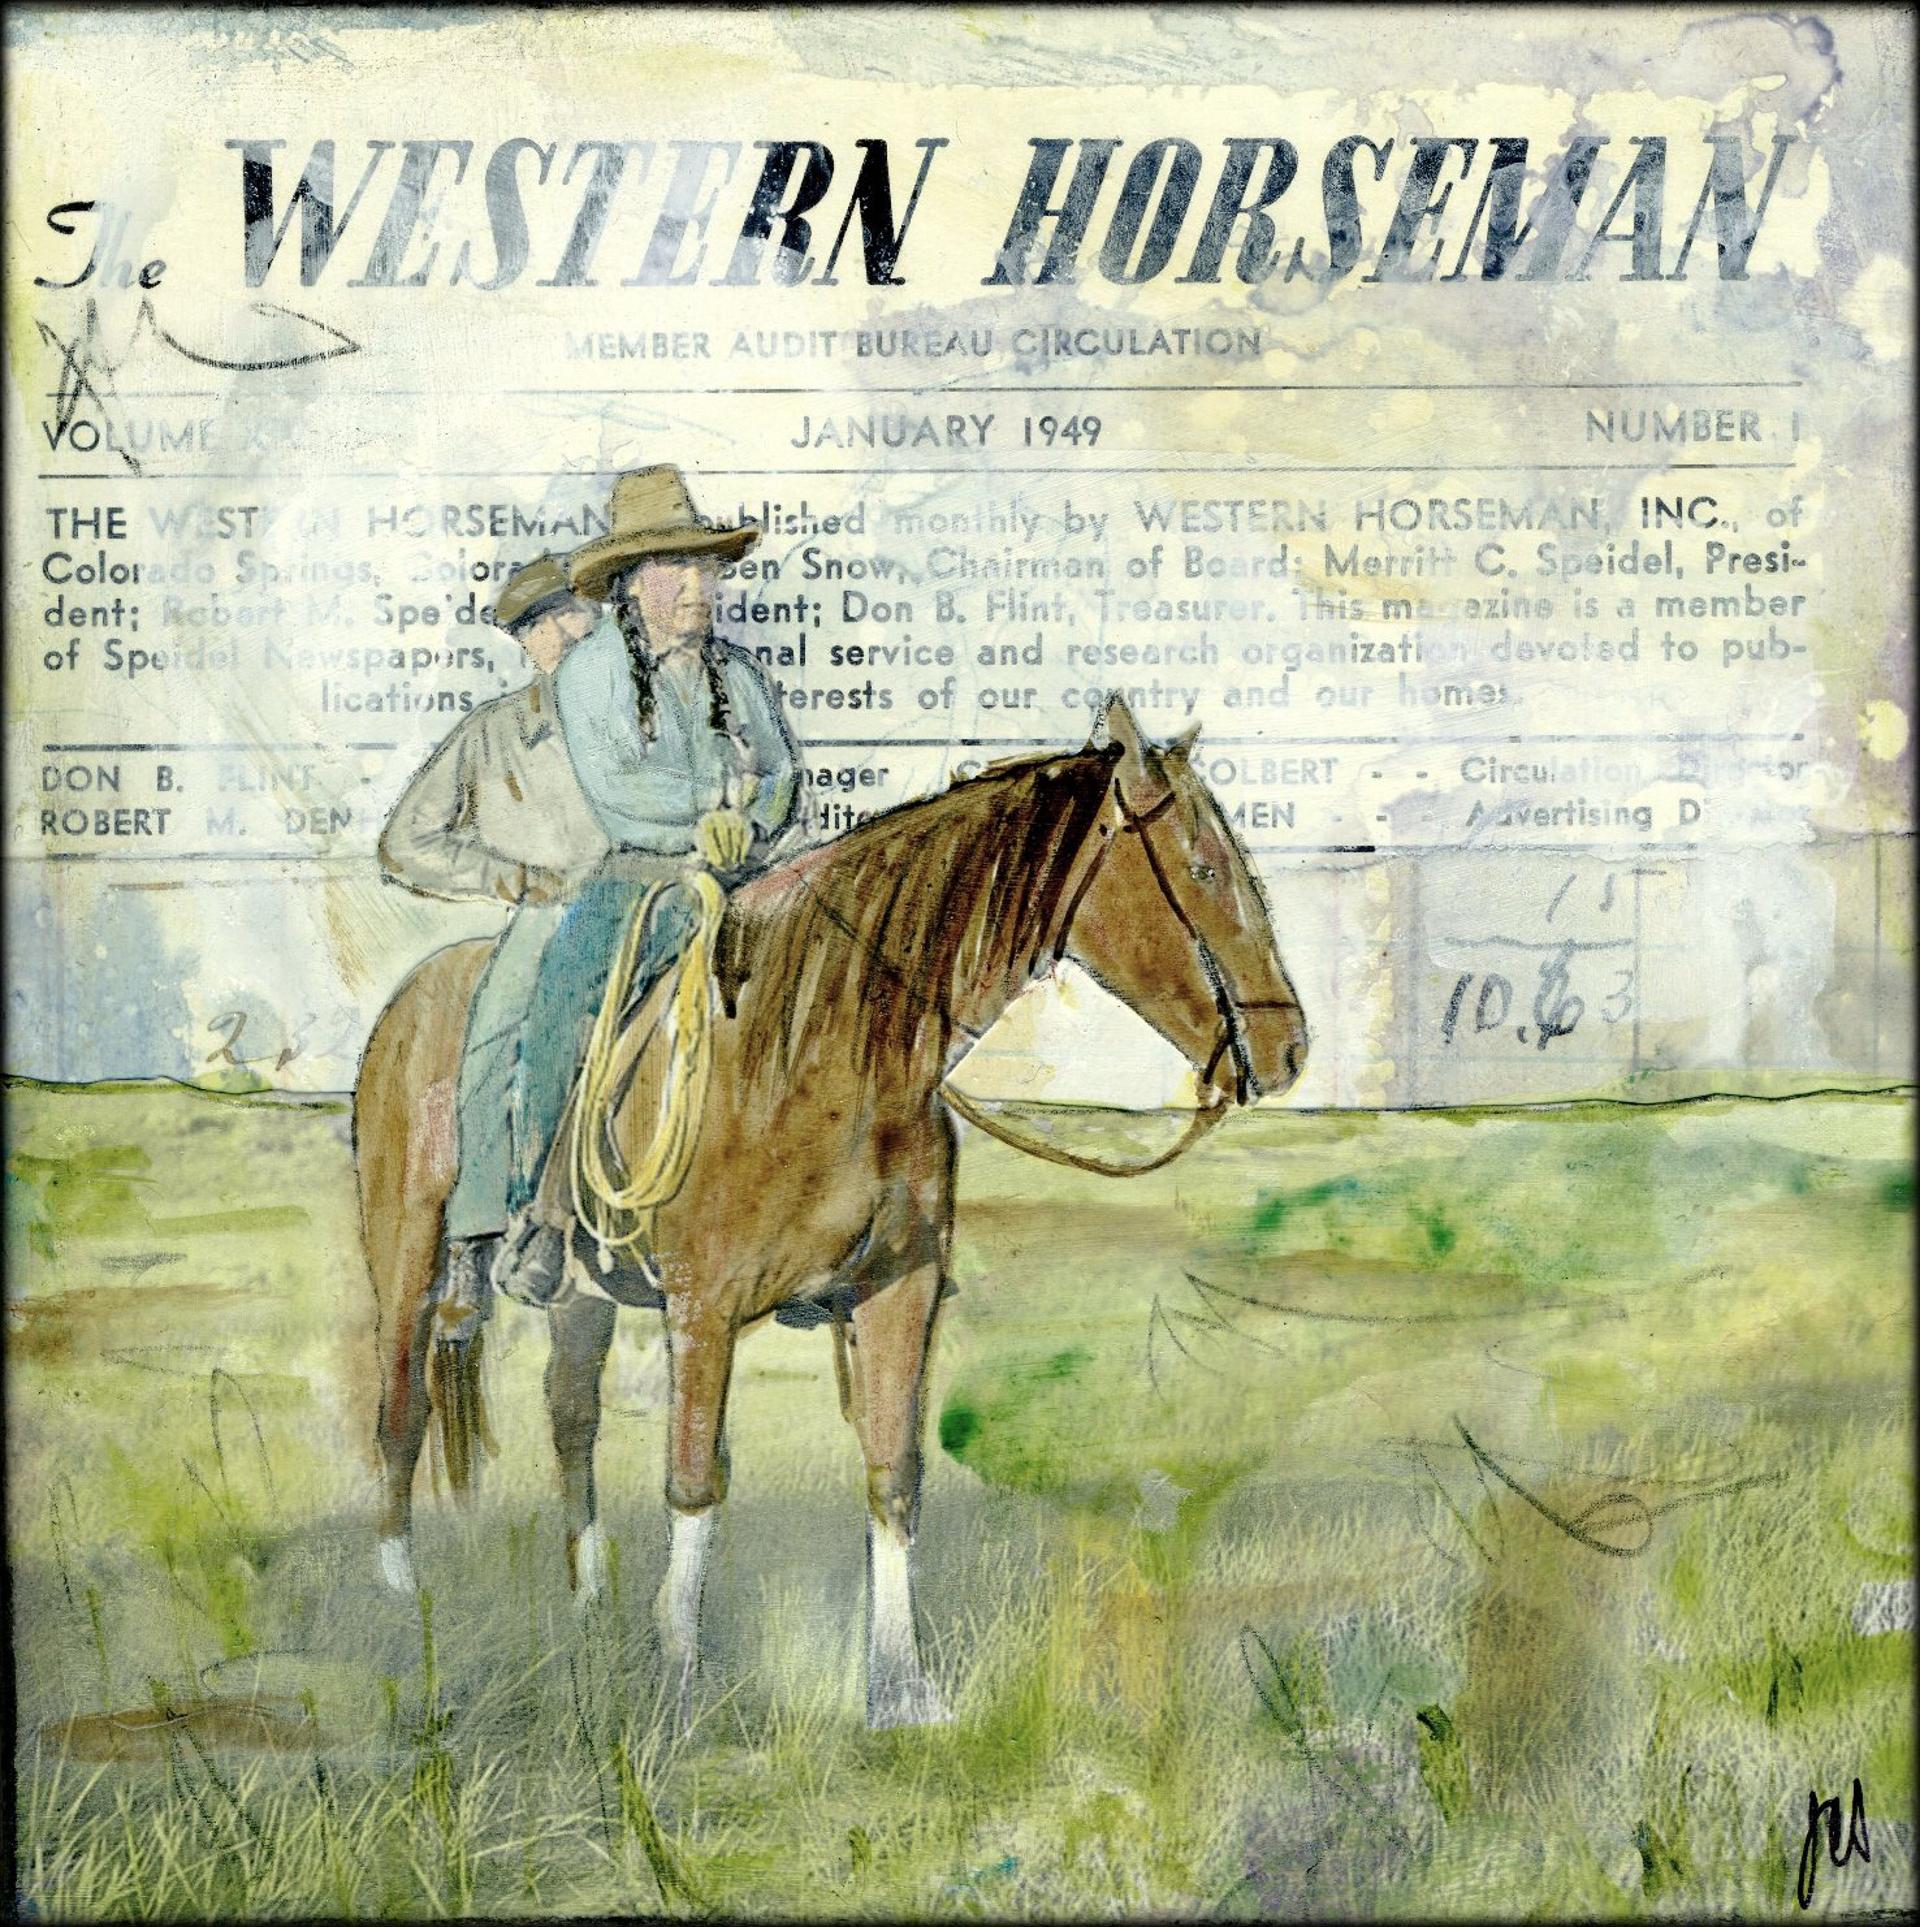 Western Horsemen by JC Spock